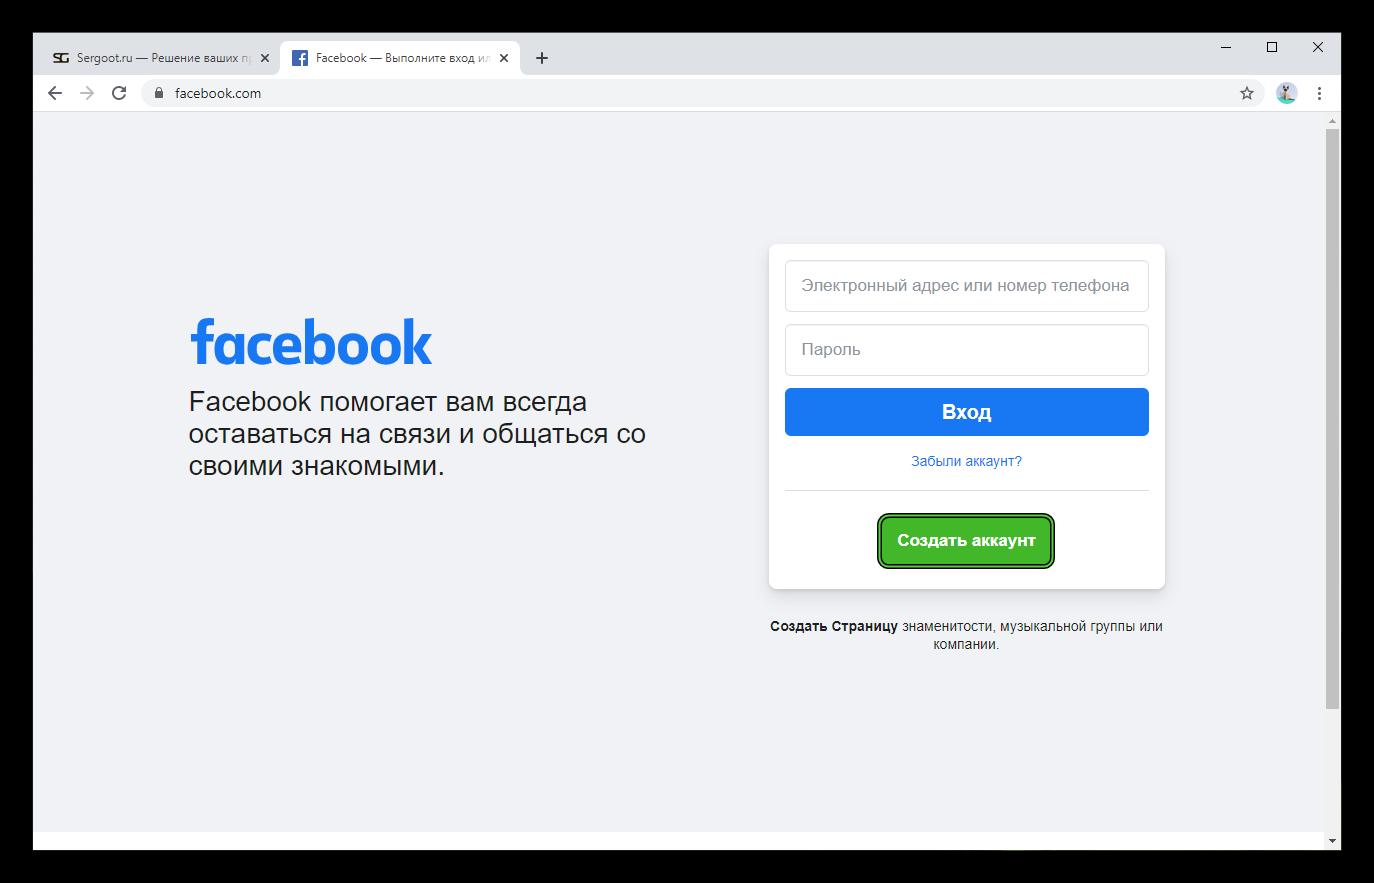 Кнопка Создать аккаунт для компьютера через официальный сайт